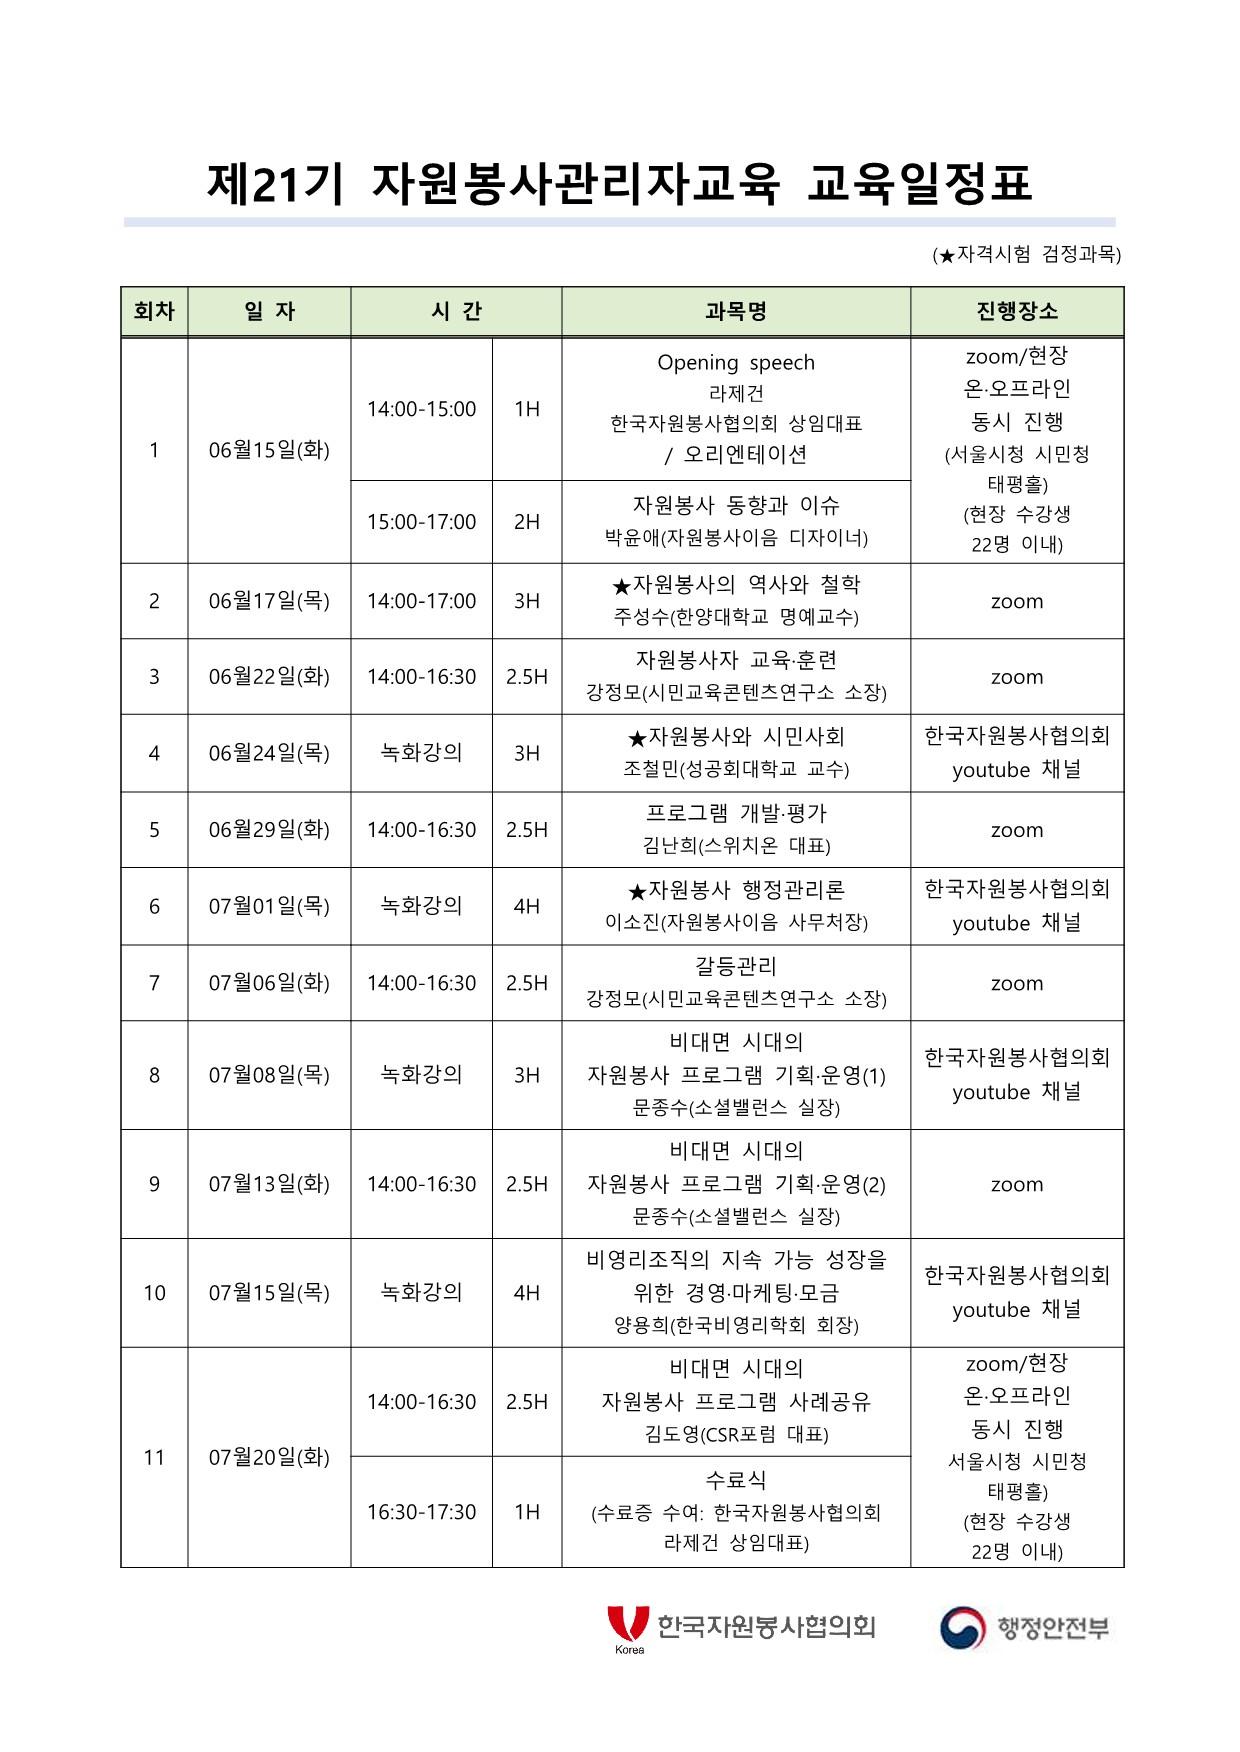 제21기 자원봉사관리자교육 교육일정표_1.jpg